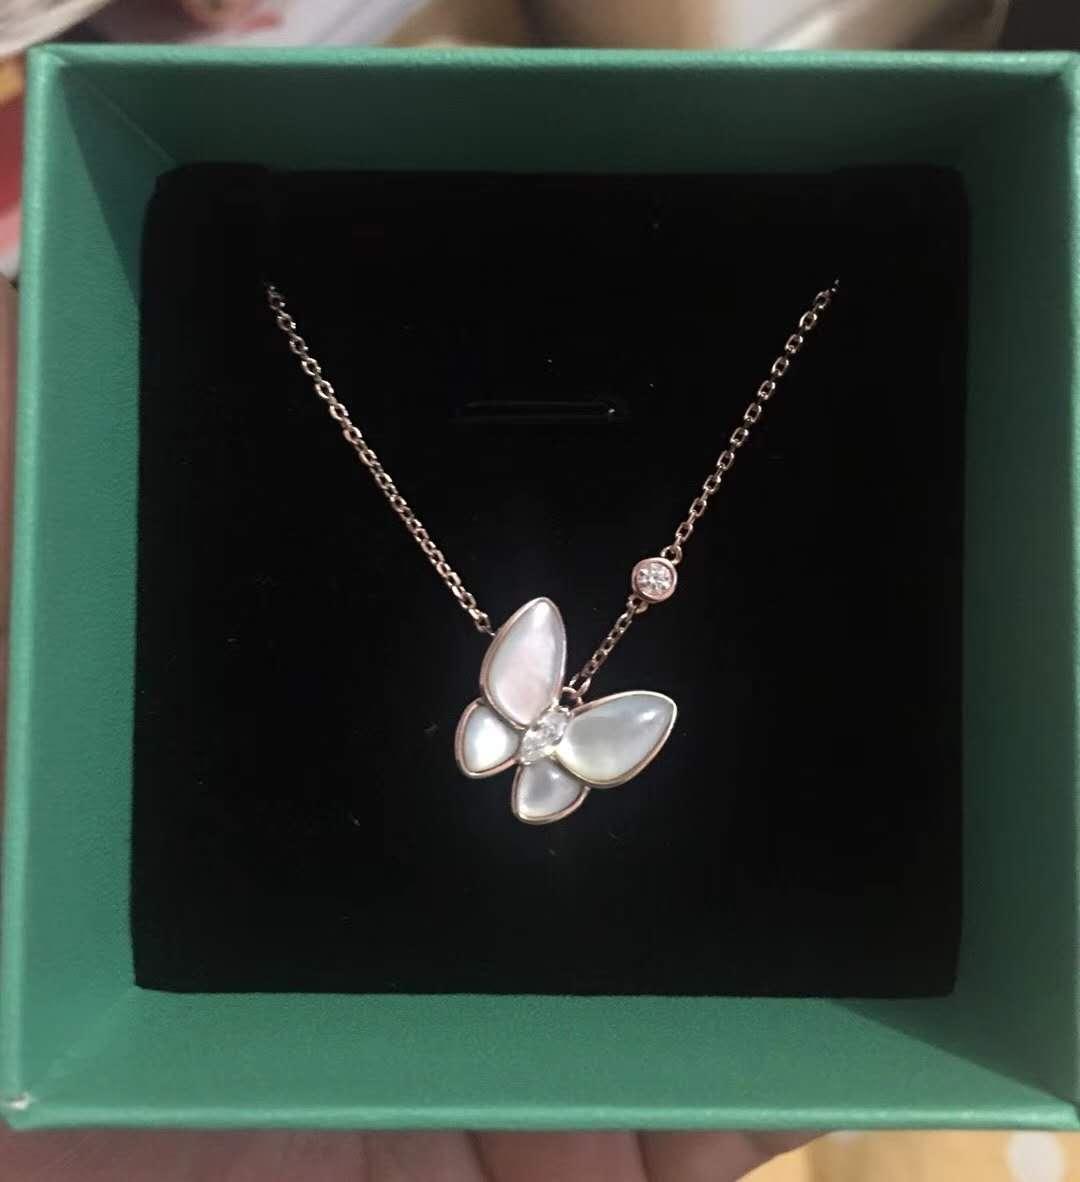 天然珍珠贝母贝壳斜蝴蝶项链锁骨链通体925纯银镀玫瑰金奢华新款